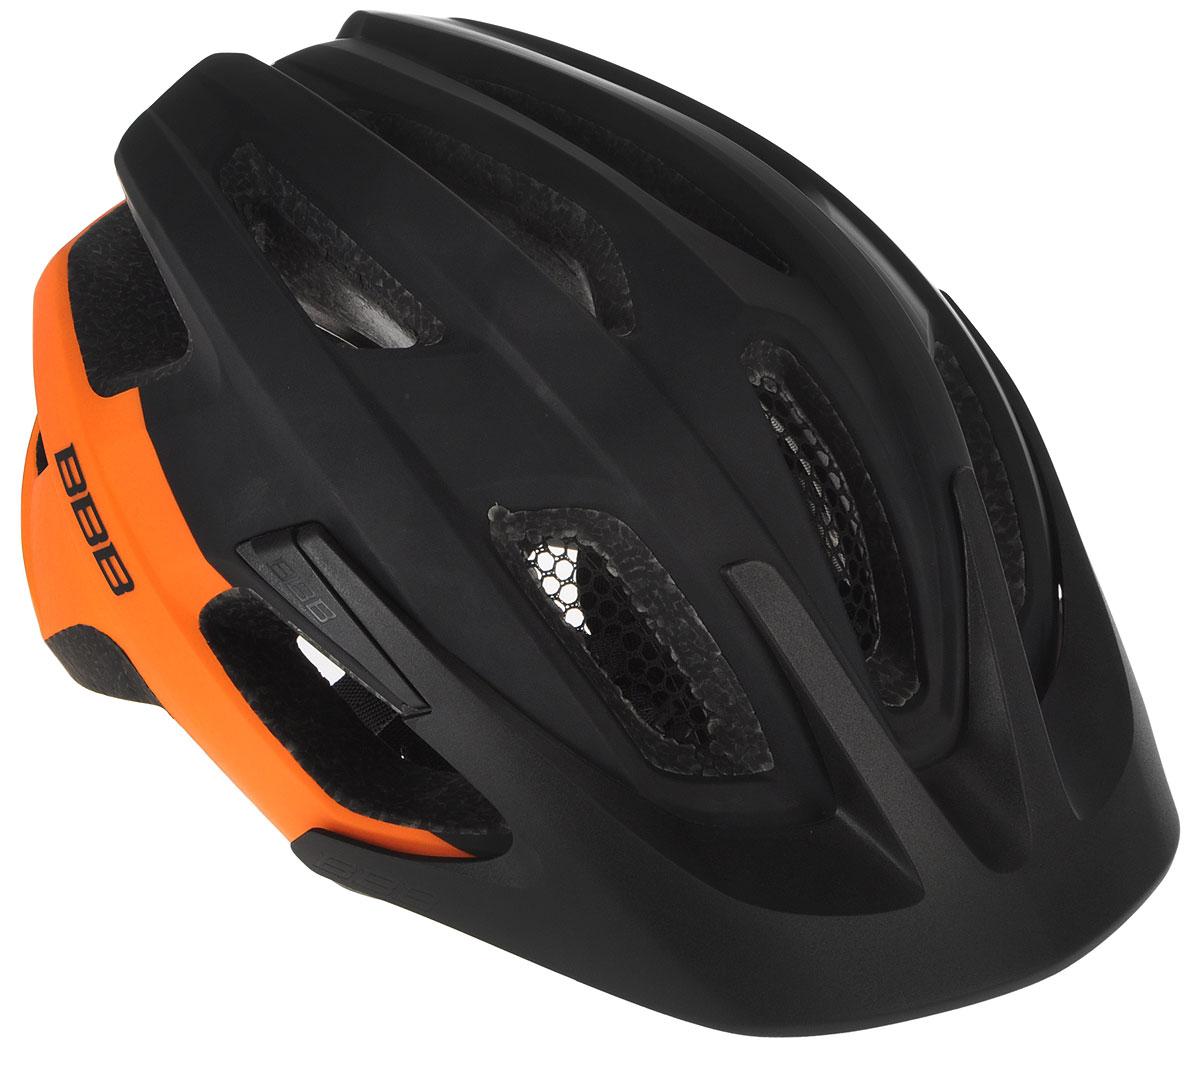 Шлем летний BBB Kite, со съмным козырьком, цвет: черный, оранжевый. Размер MMW-1462-01-SR серебристыйШлем BBB Kite, предназначенный для велосипедистов, скейтбордистов и роллеров, снабжен настраиваемыми ремешками для максимально комфортной посадки. Система TwistClose - позволяет настроить шлем одной рукой. Увеличенное количество вентиляционных отверстий гарантирует отличную циркуляцию воздуха на разных скоростях движения при сохранении жесткости, а отверстия для вентиляции в задней части шлема предназначены для оптимального распределения потока воздуха. Шлем оснащен съемными мягкими накладками с антибактериальными свойствами и съемным козырьком. Внутренняя часть изделия изготовлена из пенополистирола. Ее роль заключается в рассеивании энергии при ударе, а низкопрофильная конструкция обеспечивает дополнительную защиту наиболее уязвимых участков головы. Фронтальные отверстия изделия прикрыты мелкой сеткой для защиты от насекомых. Верхняя часть шлема, выполненная из прочного пластика, препятствует разрушению изделия, защищает его от прокола и позволять ему скользить при ударах. Шлем имеет светоотражающие наклейки и 14 вентиляционных отверстий, которые делают катание максимально комфортным.Размер: M. Обхват головы: 55-58 см.